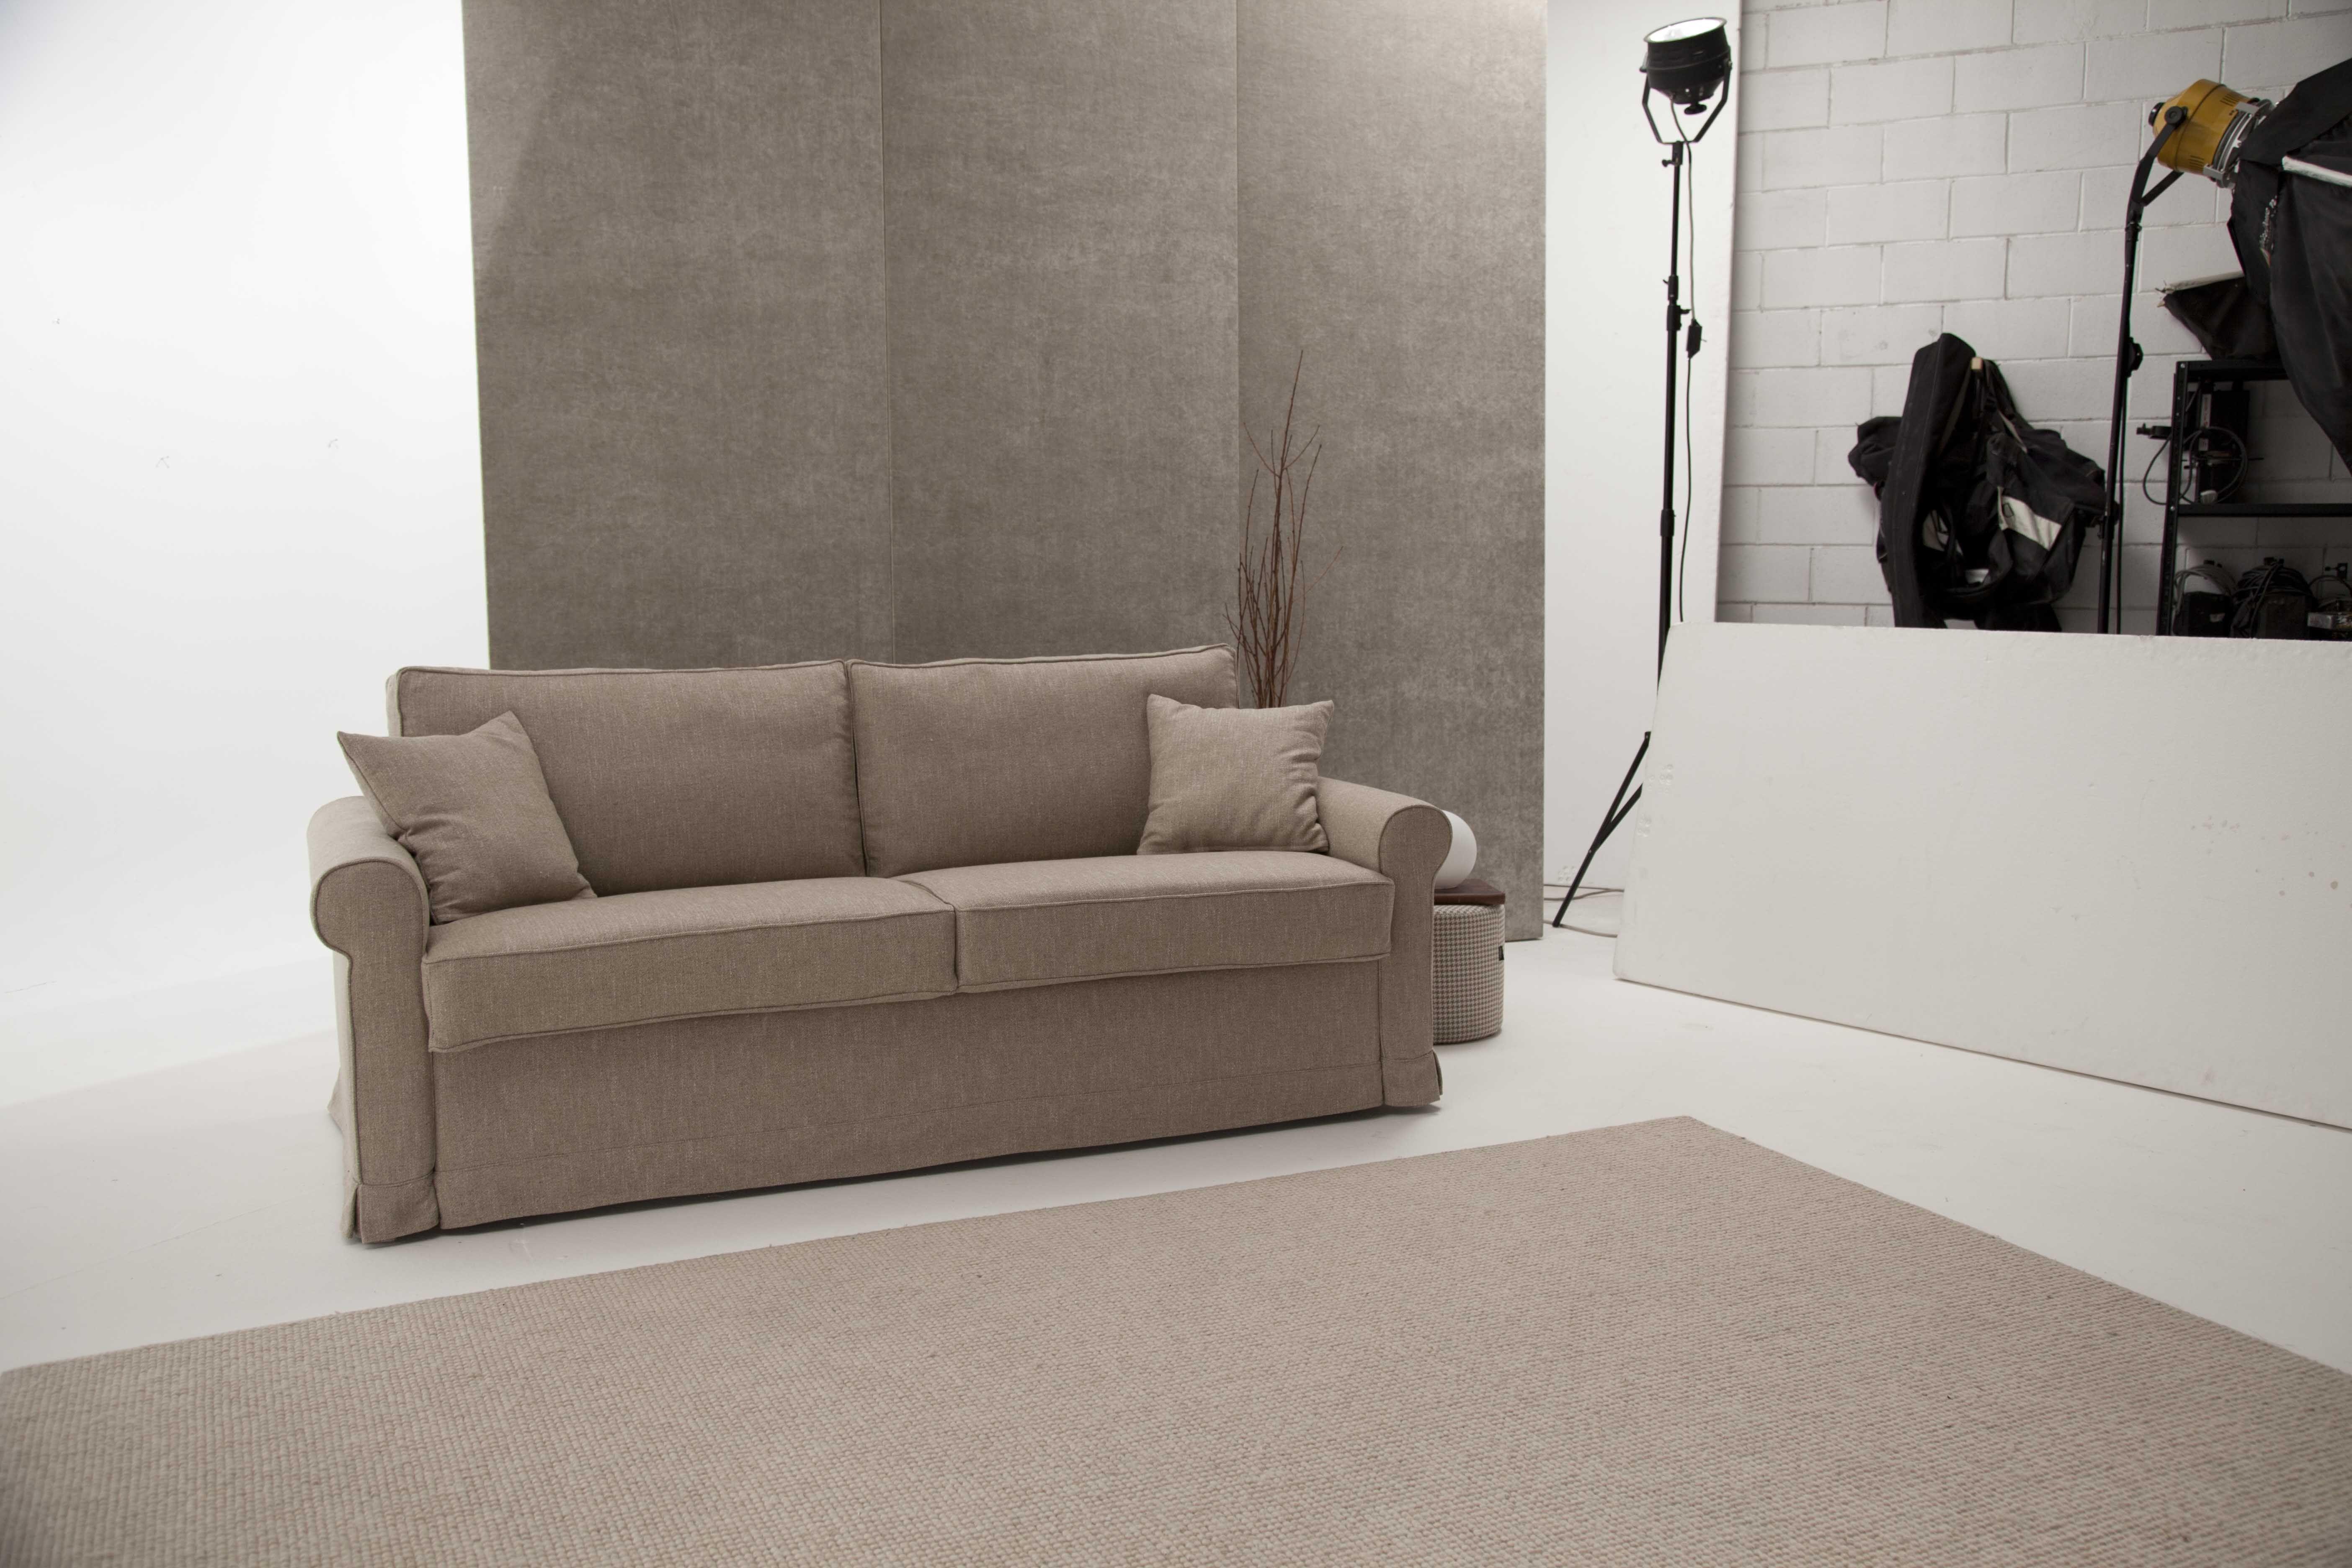 Divano Comodo Per Dormire pin su divano letto meda con materasso da 18 cm - meda sofa